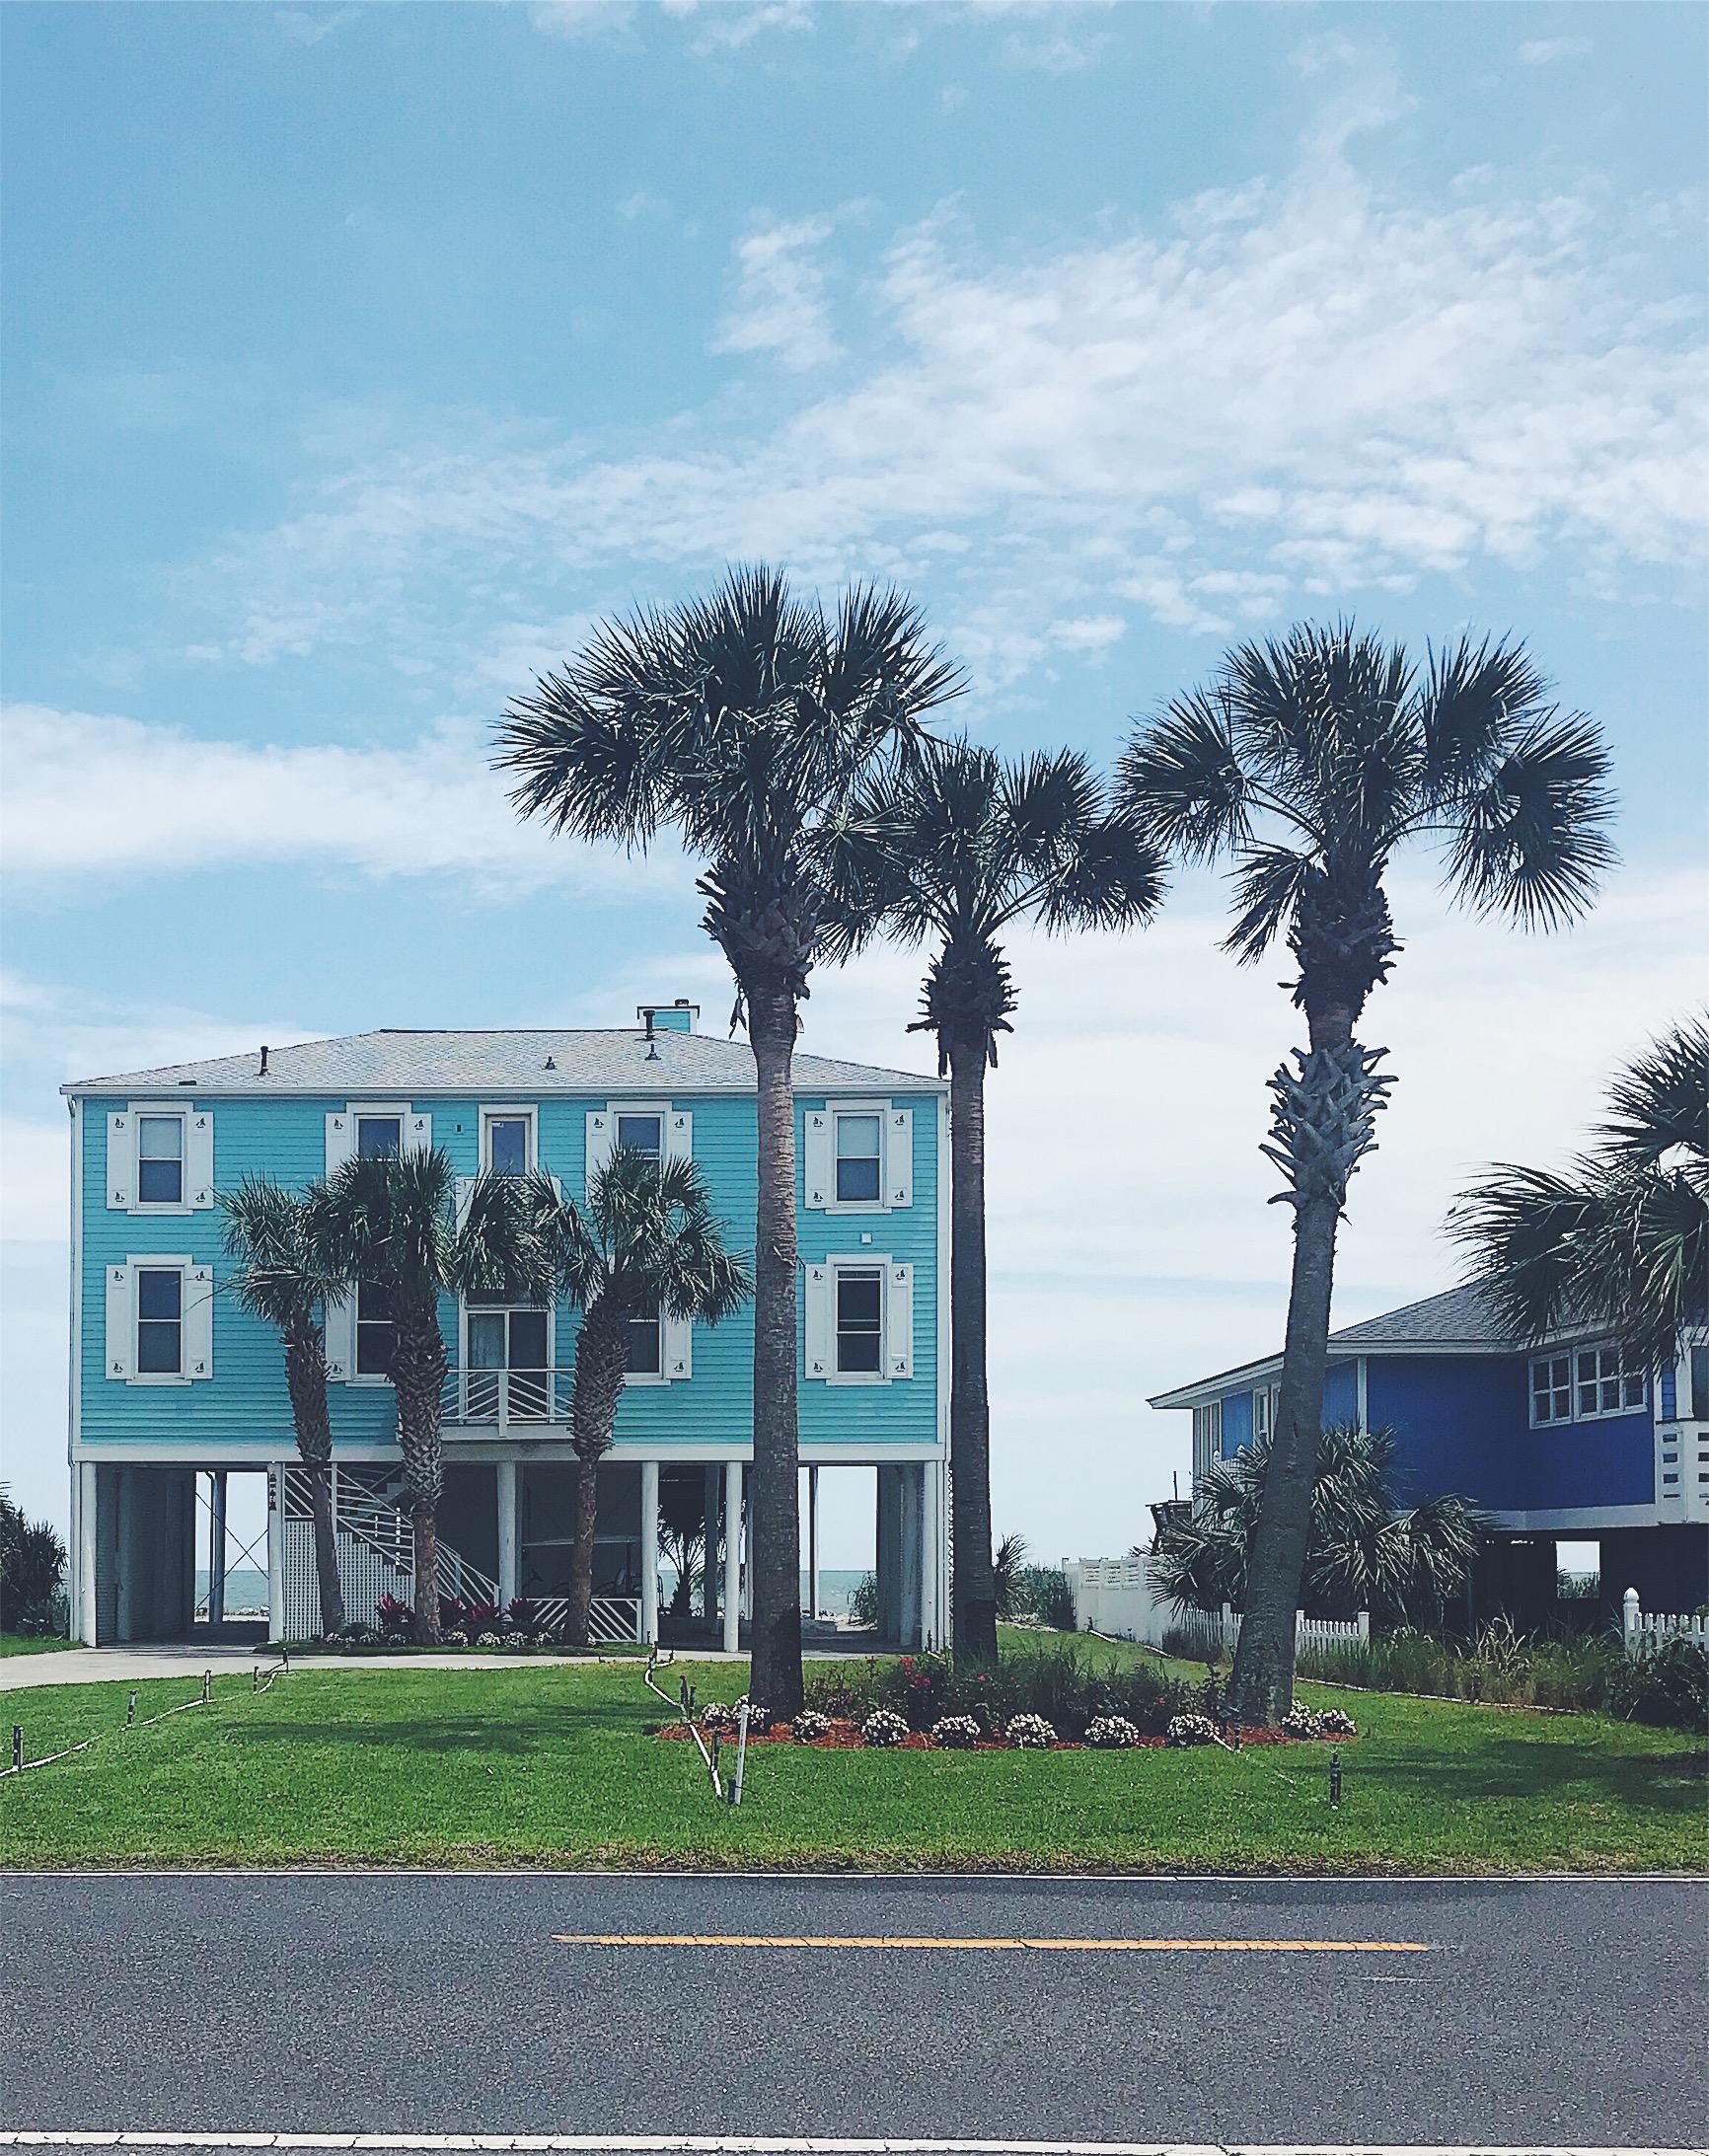 Blue beach house on piers